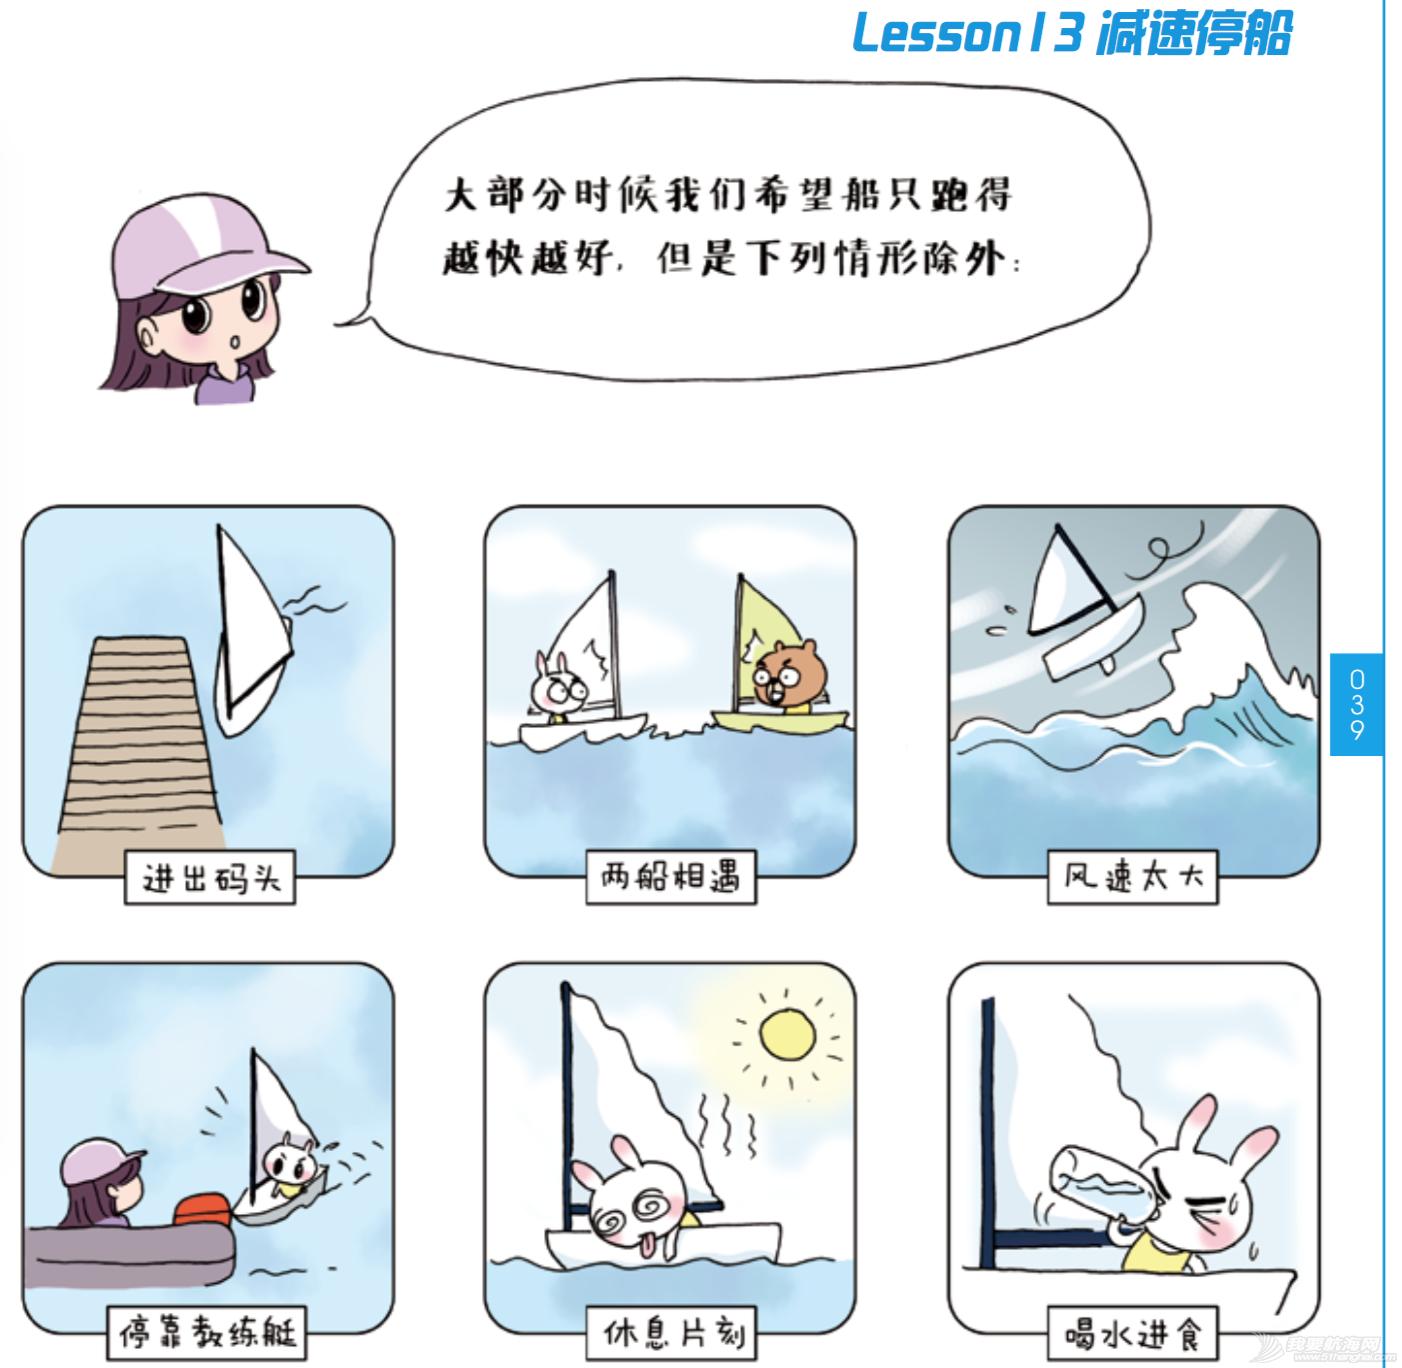 奥运冠军,帆船,连载 《跟奥运冠军学帆船》Lesson 13 减速停船 屏幕快照